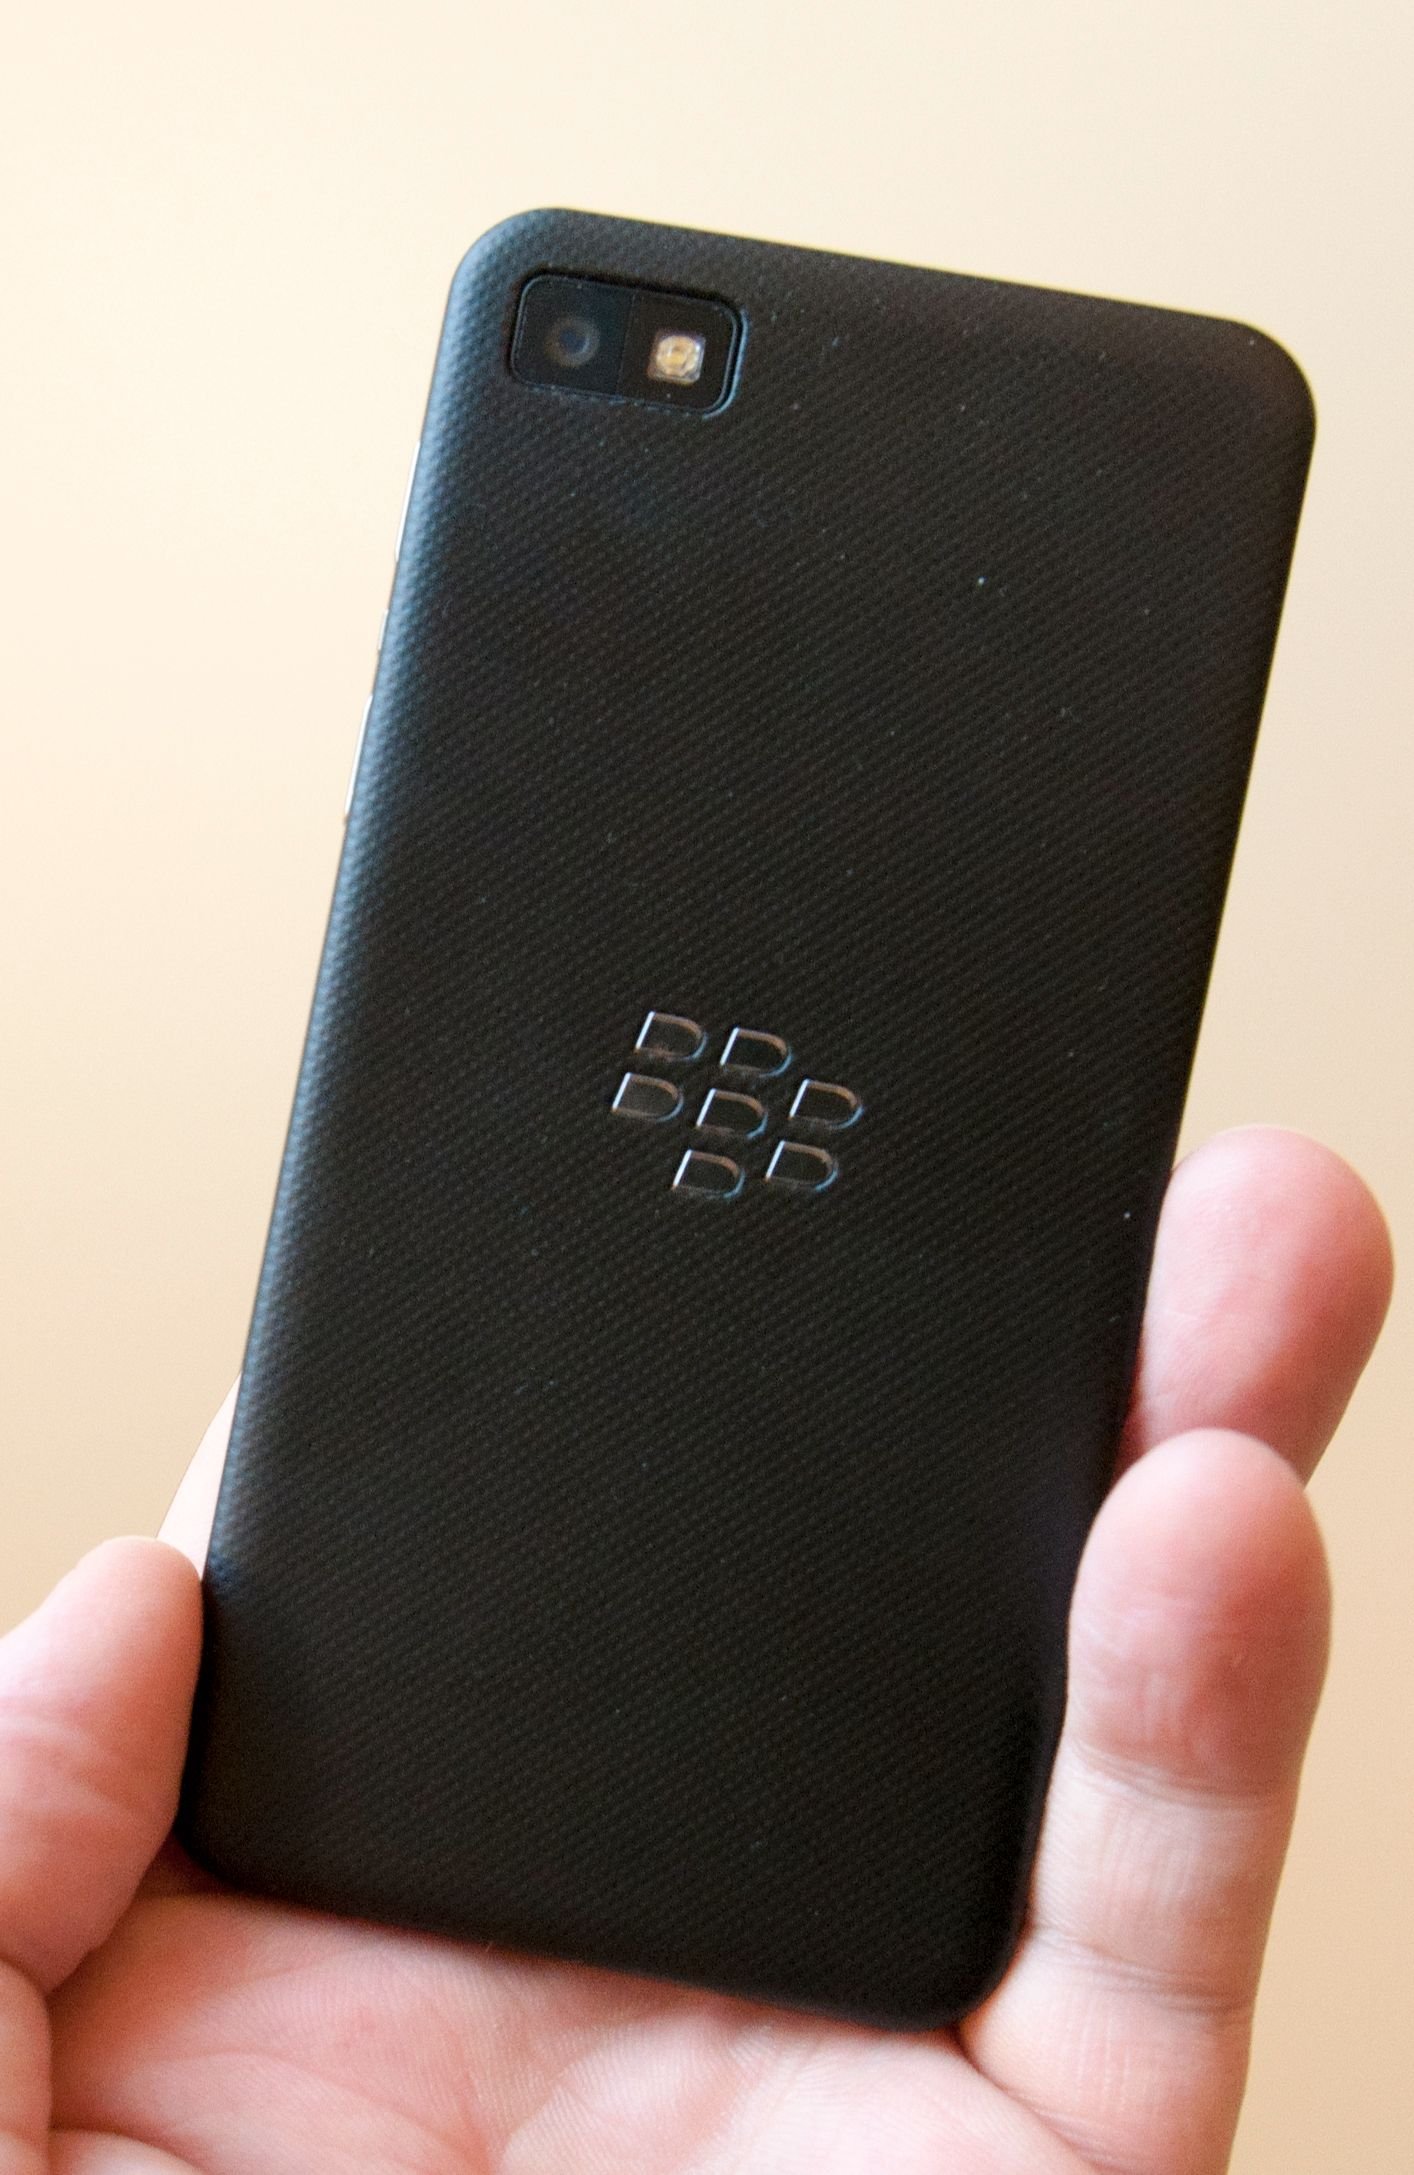 Slik ser baksiden av Z10 ut. Den er gummiert, slik at den ligger ekstra godt i hånden.Foto: Finn Jarle Kvalheim, Amobil.no